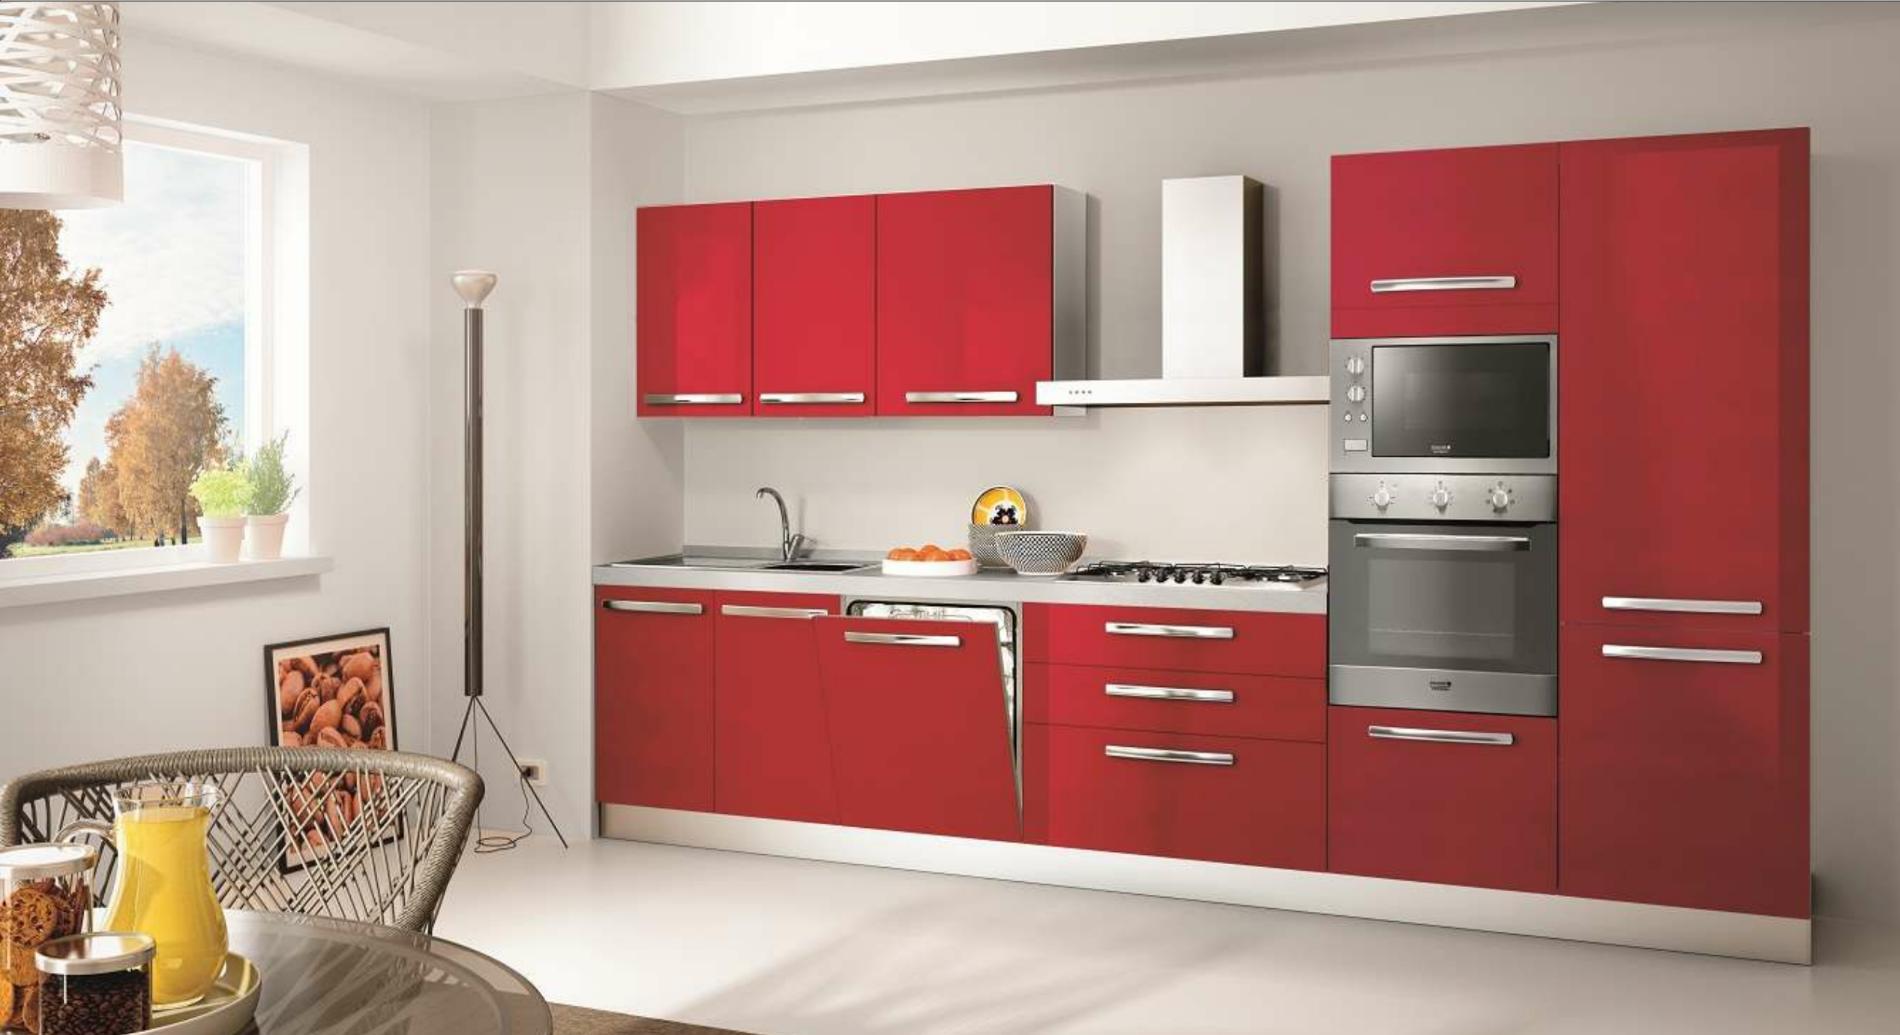 Stunning Cucina Color Melanzana Contemporary Bakeroffroad Us  # Mobiletto Cucina Color Melanzana